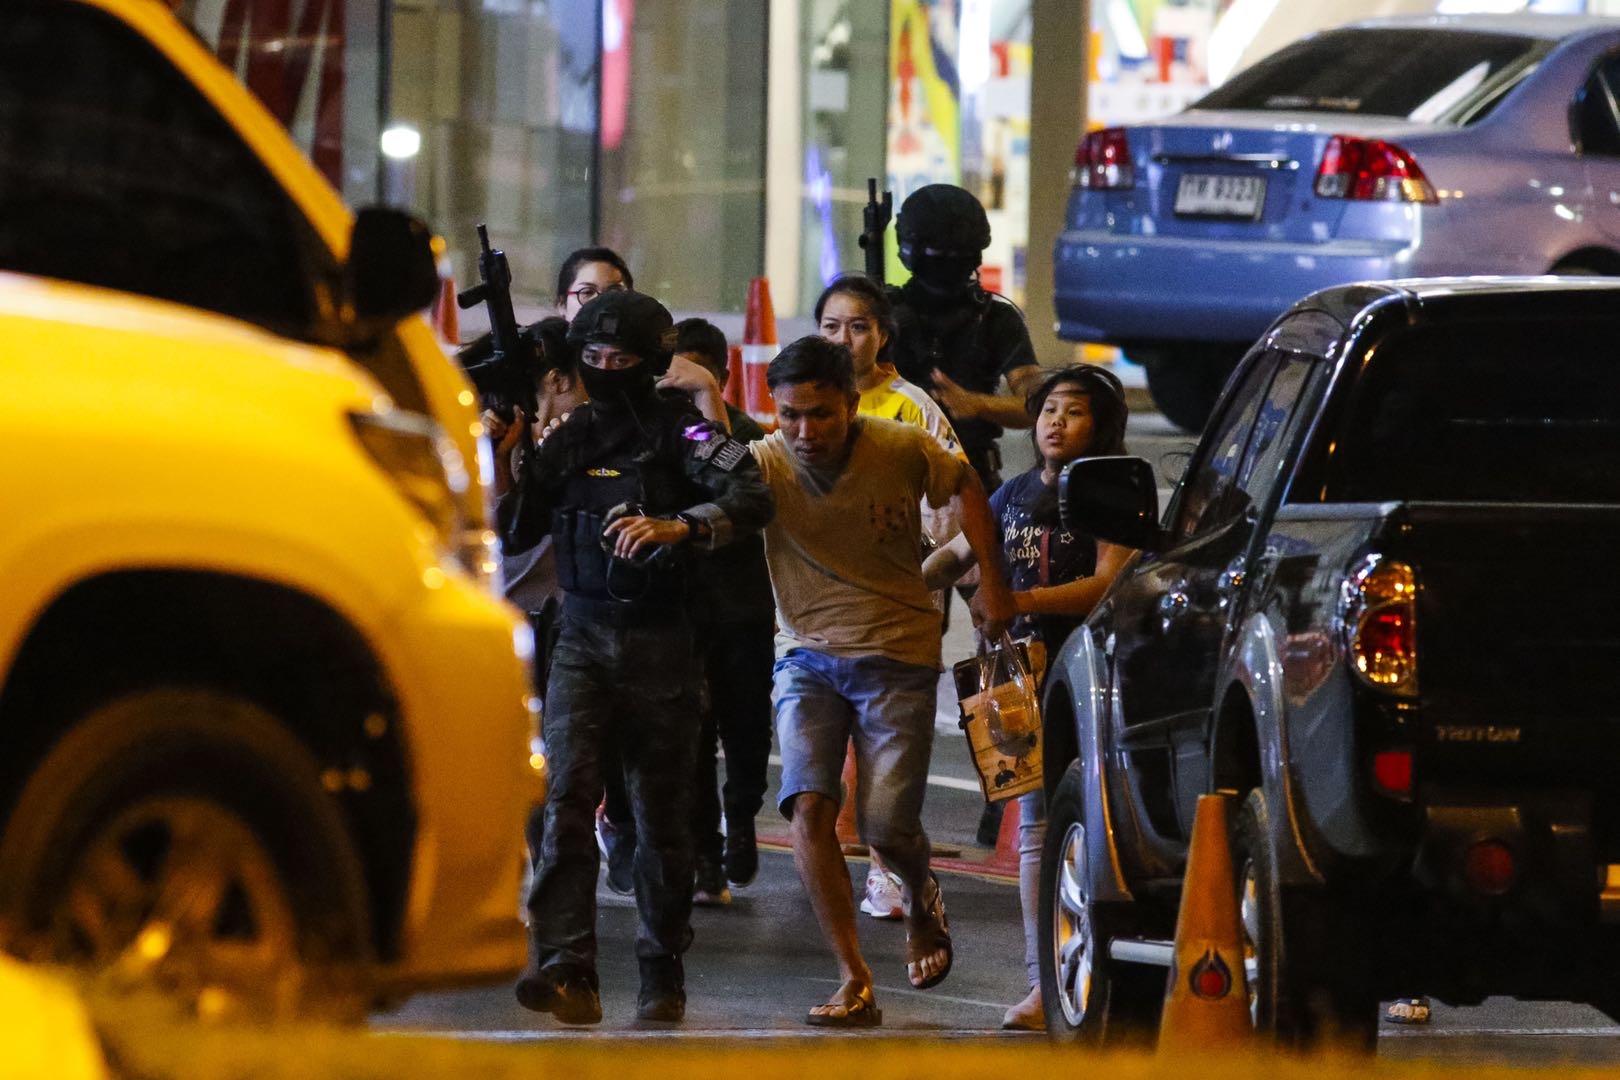 泰国军营枪击案30人死亡,缘起土地抵押借贷纠纷?